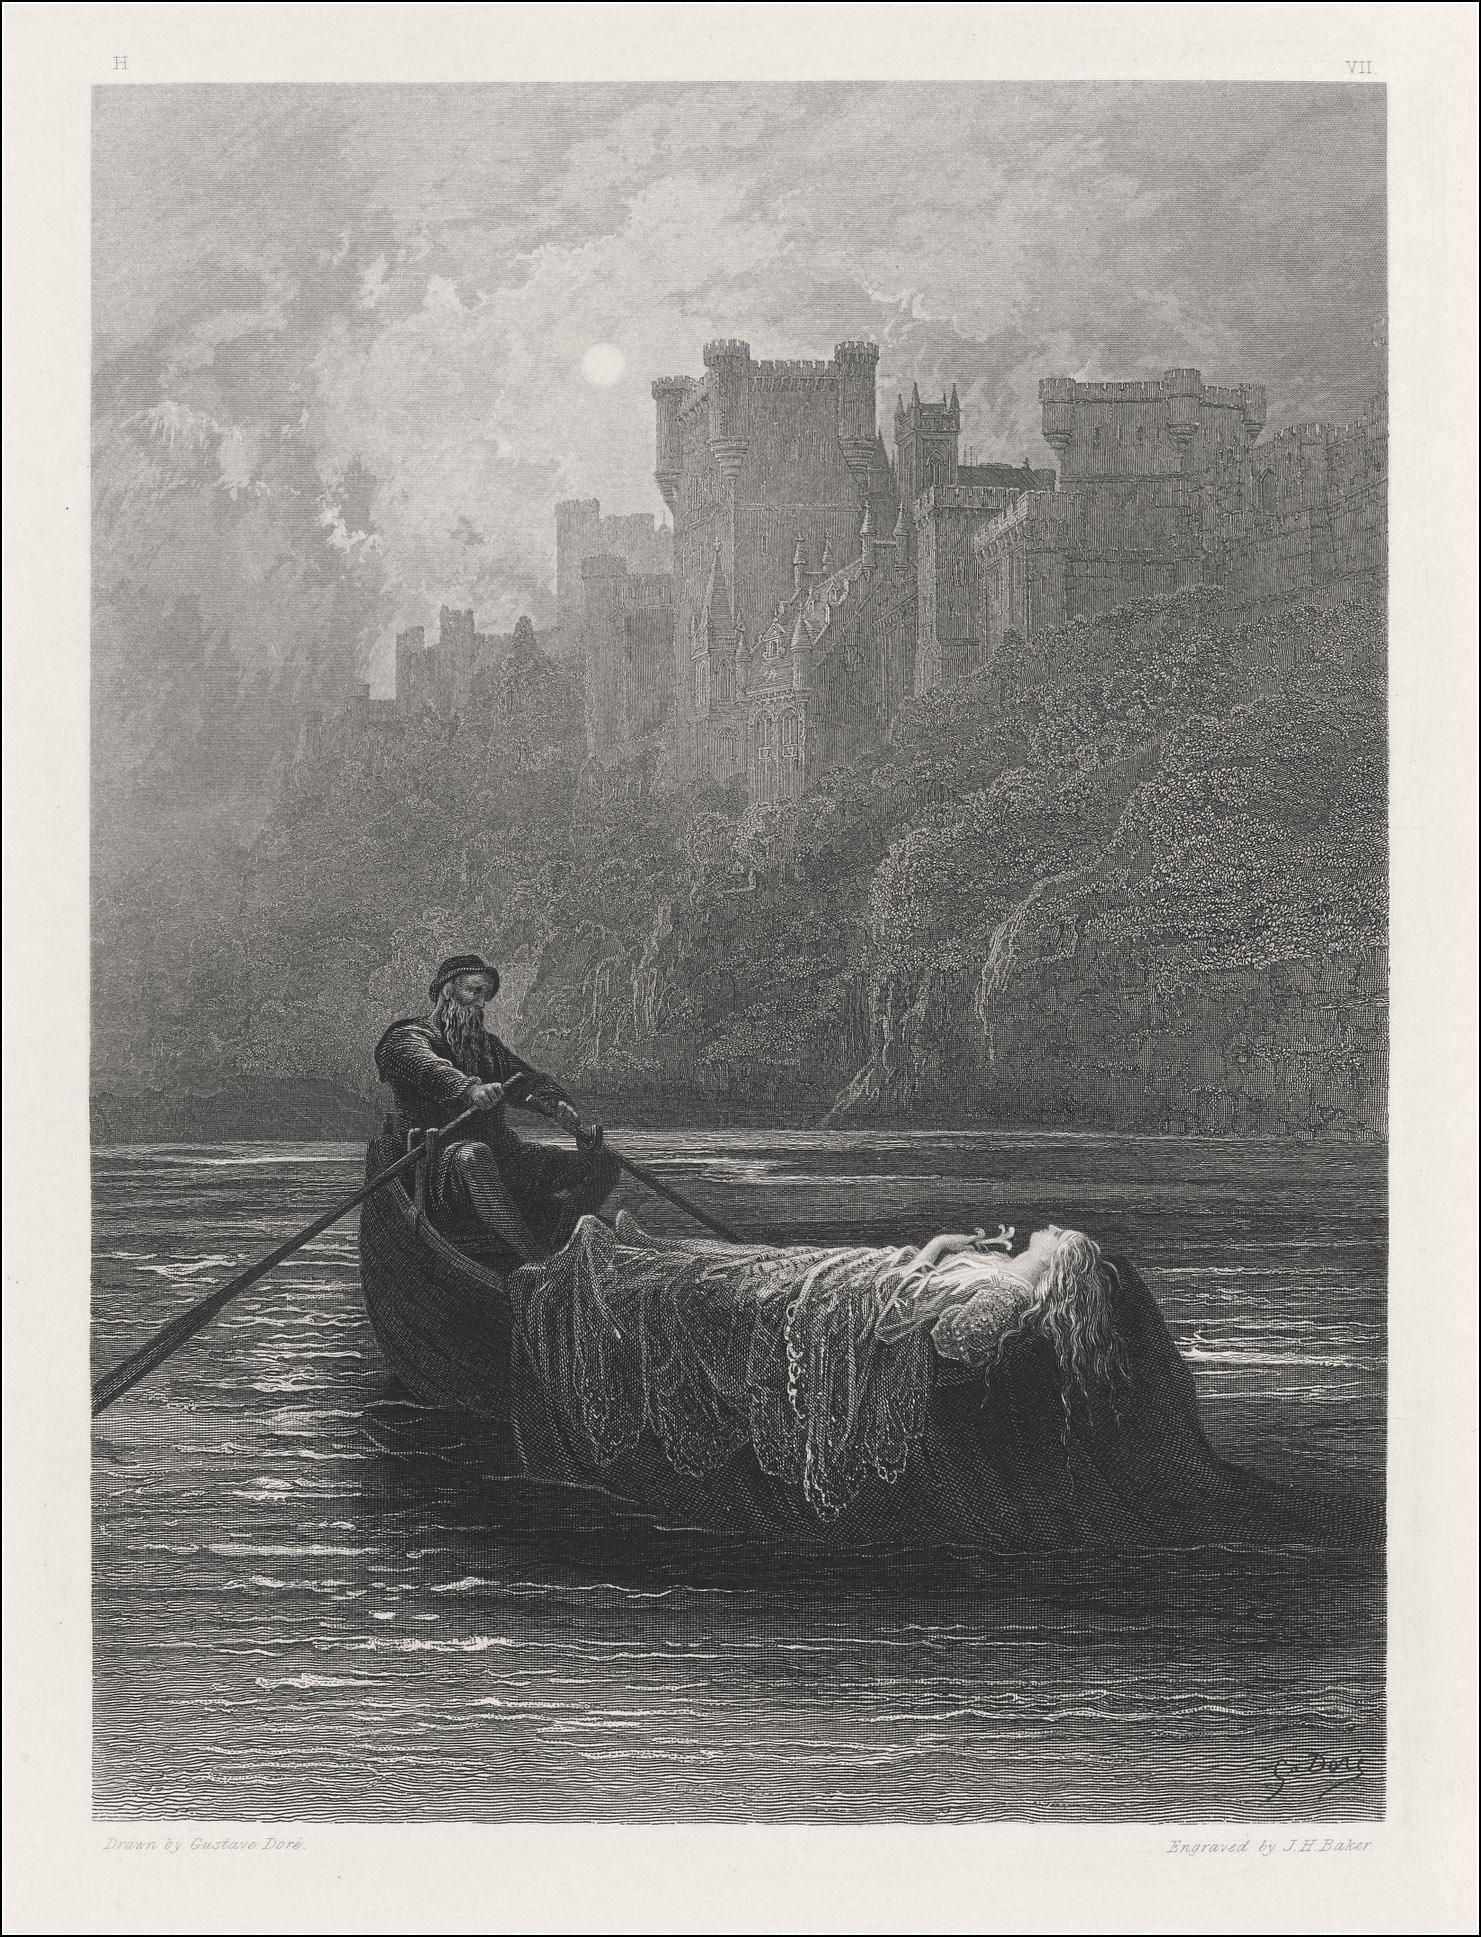 Gustave Doré, Elaine